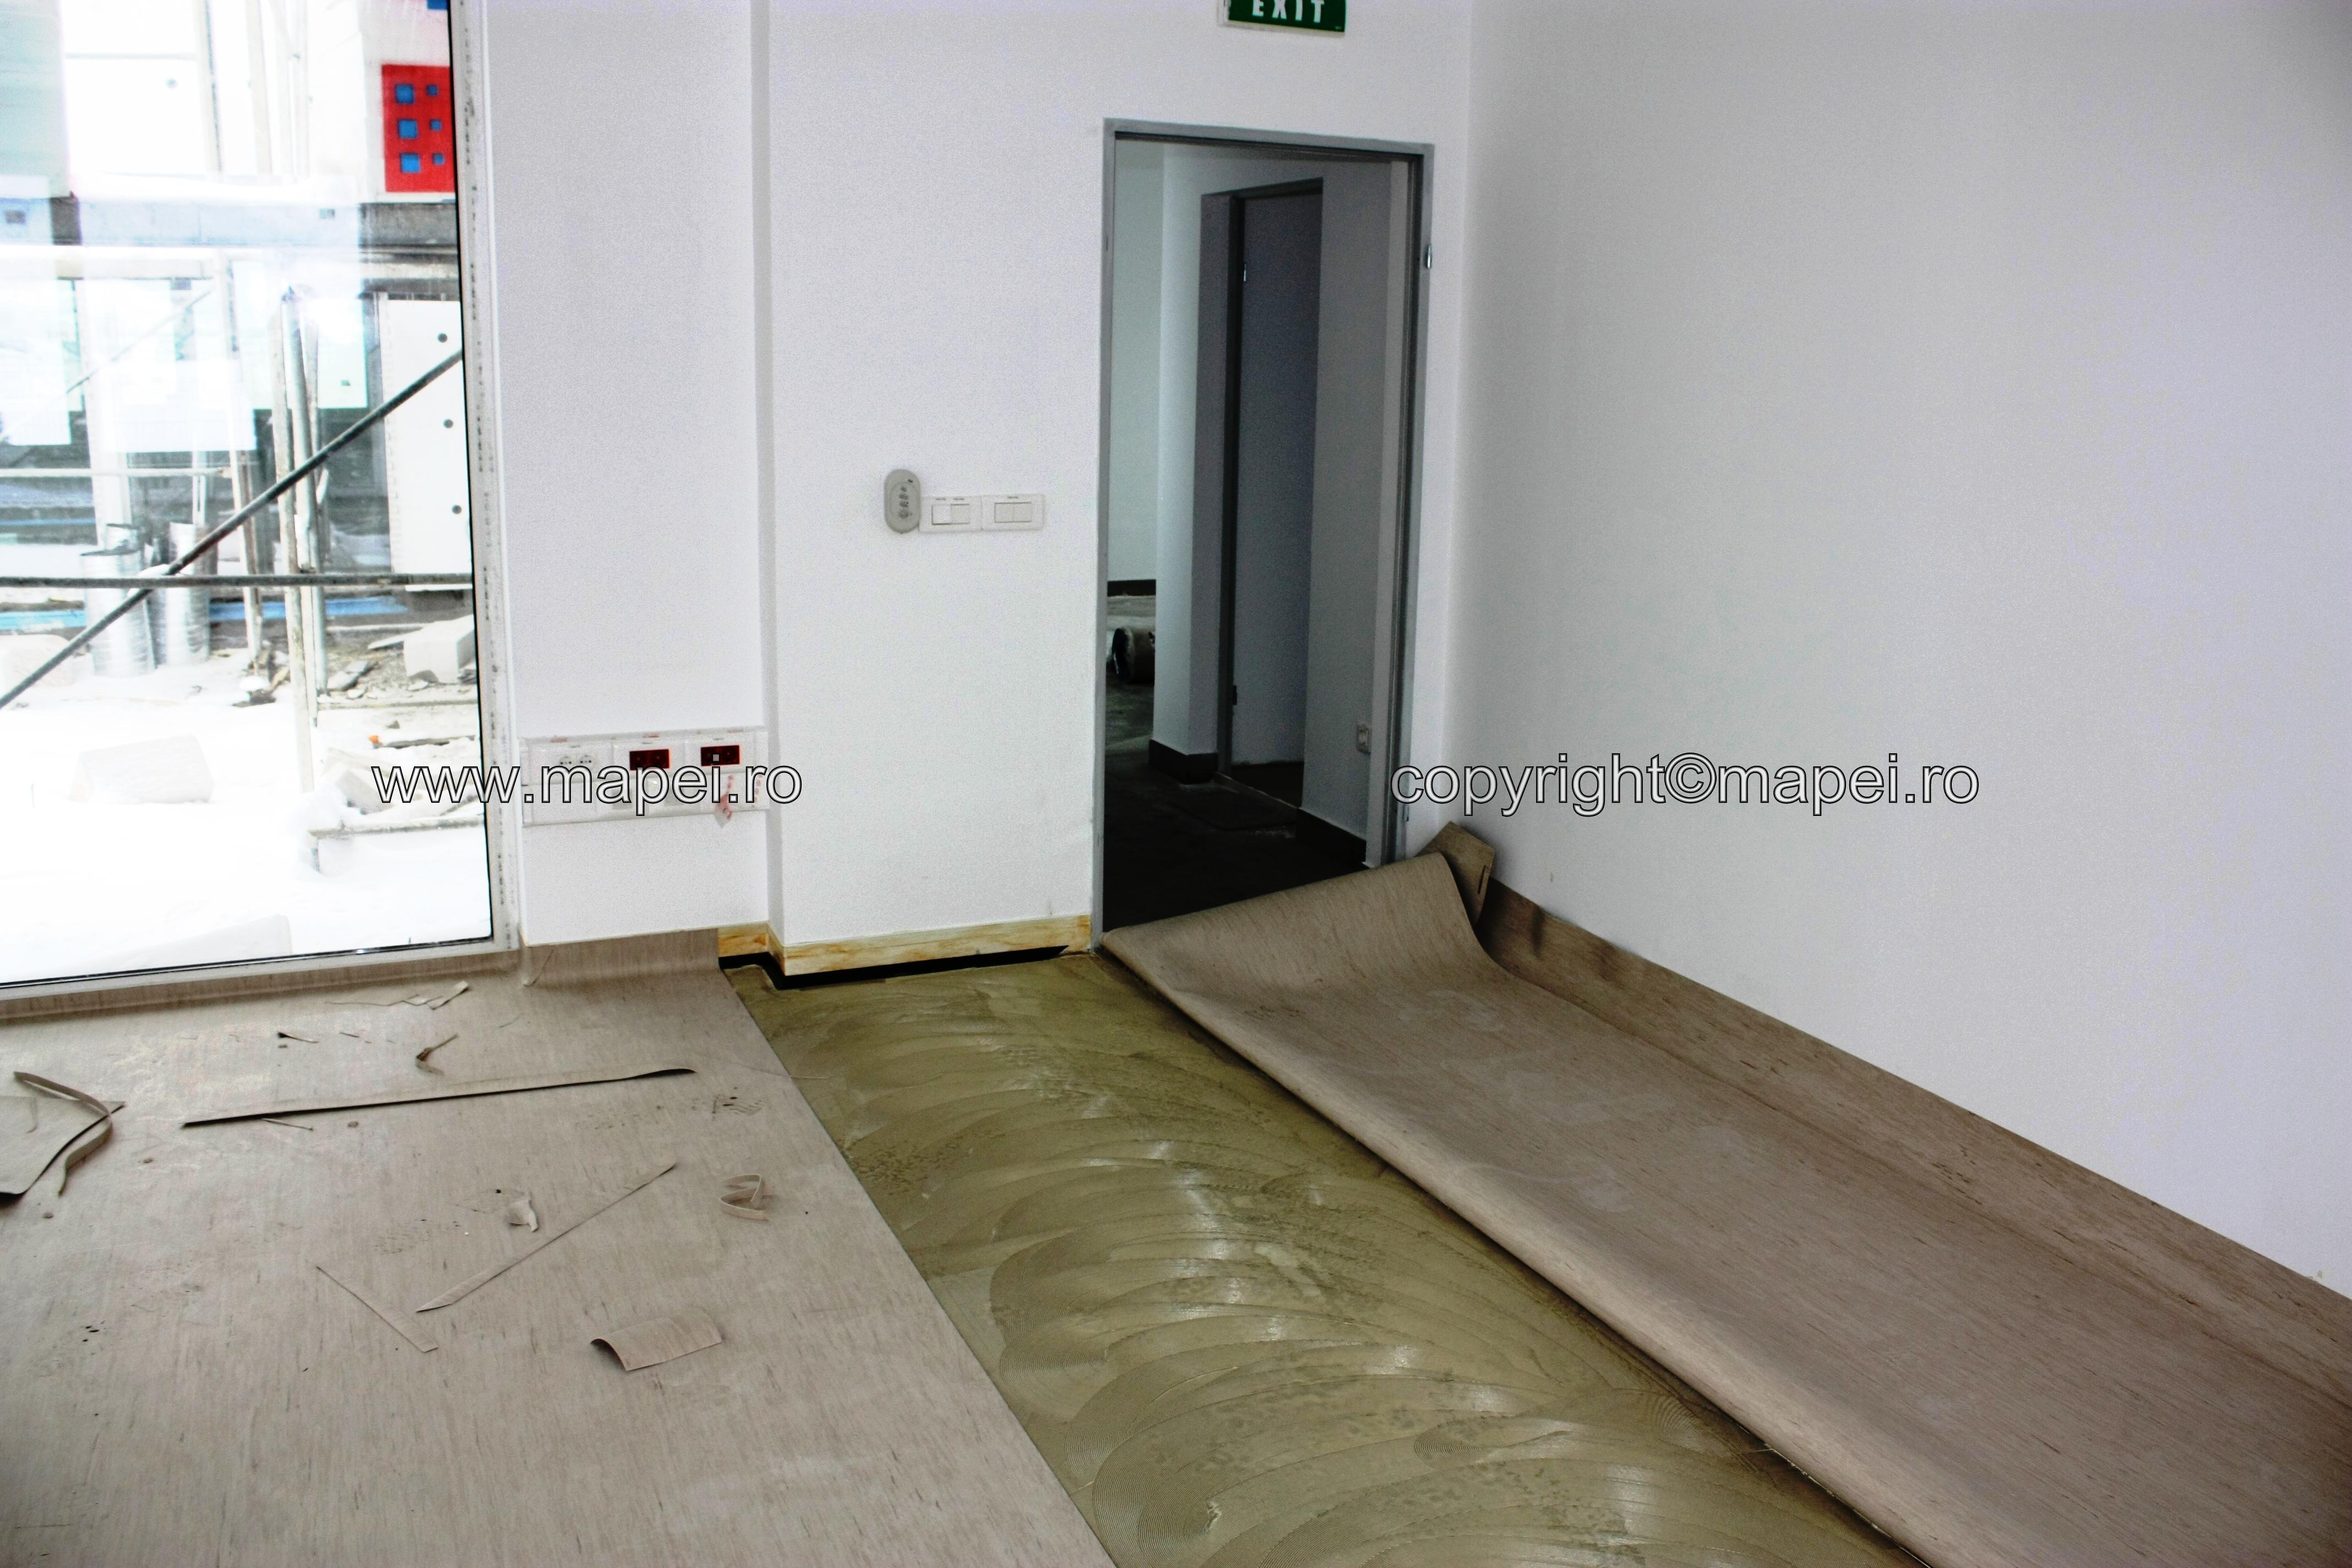 foto 31 - montaj PVC pe sapa autonivelanta - Galerie 7